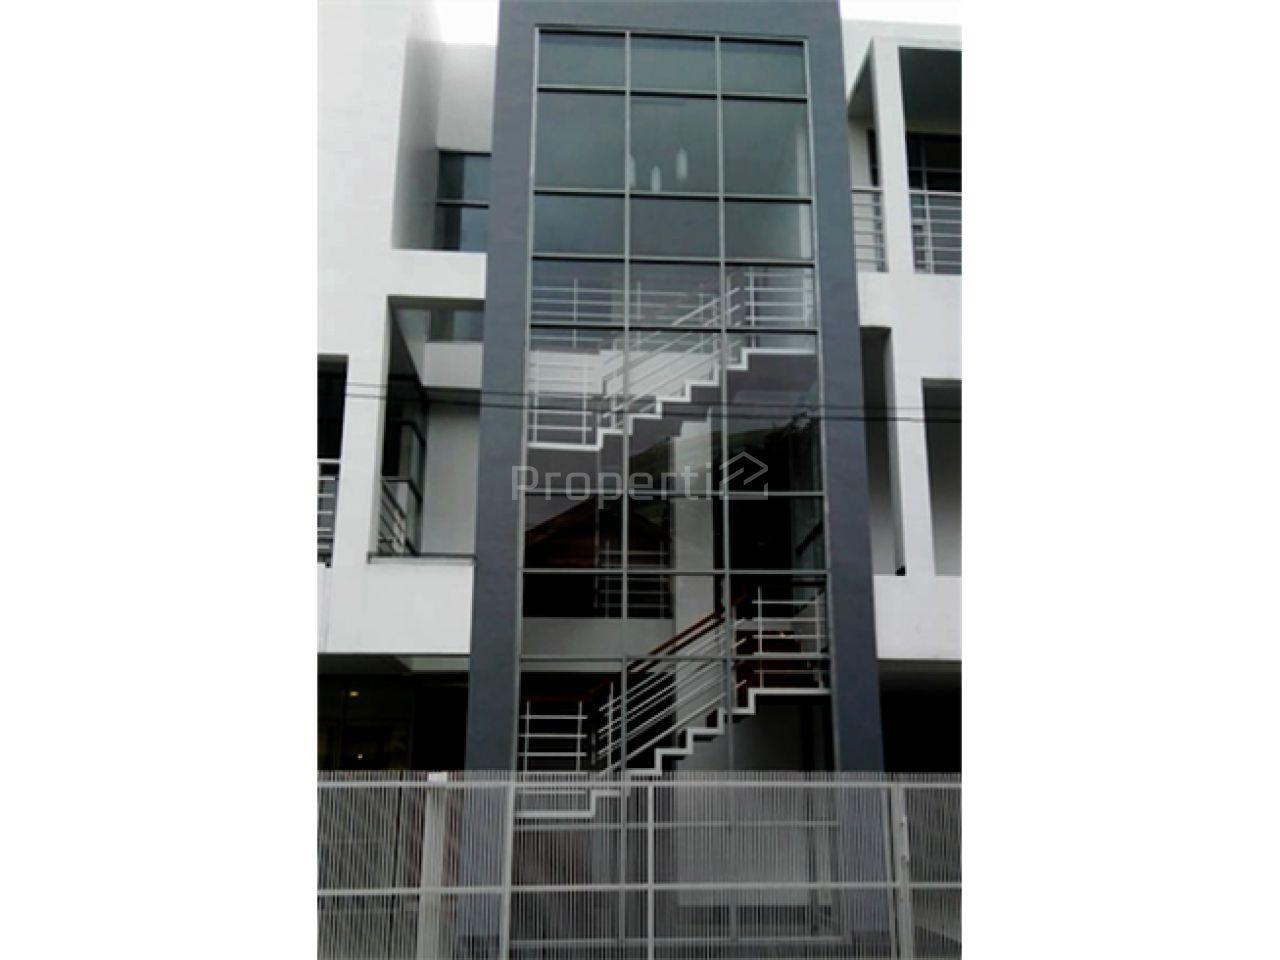 Rumah Baru Elegan dengan Posisi Hook di Pondok Indah, DKI Jakarta